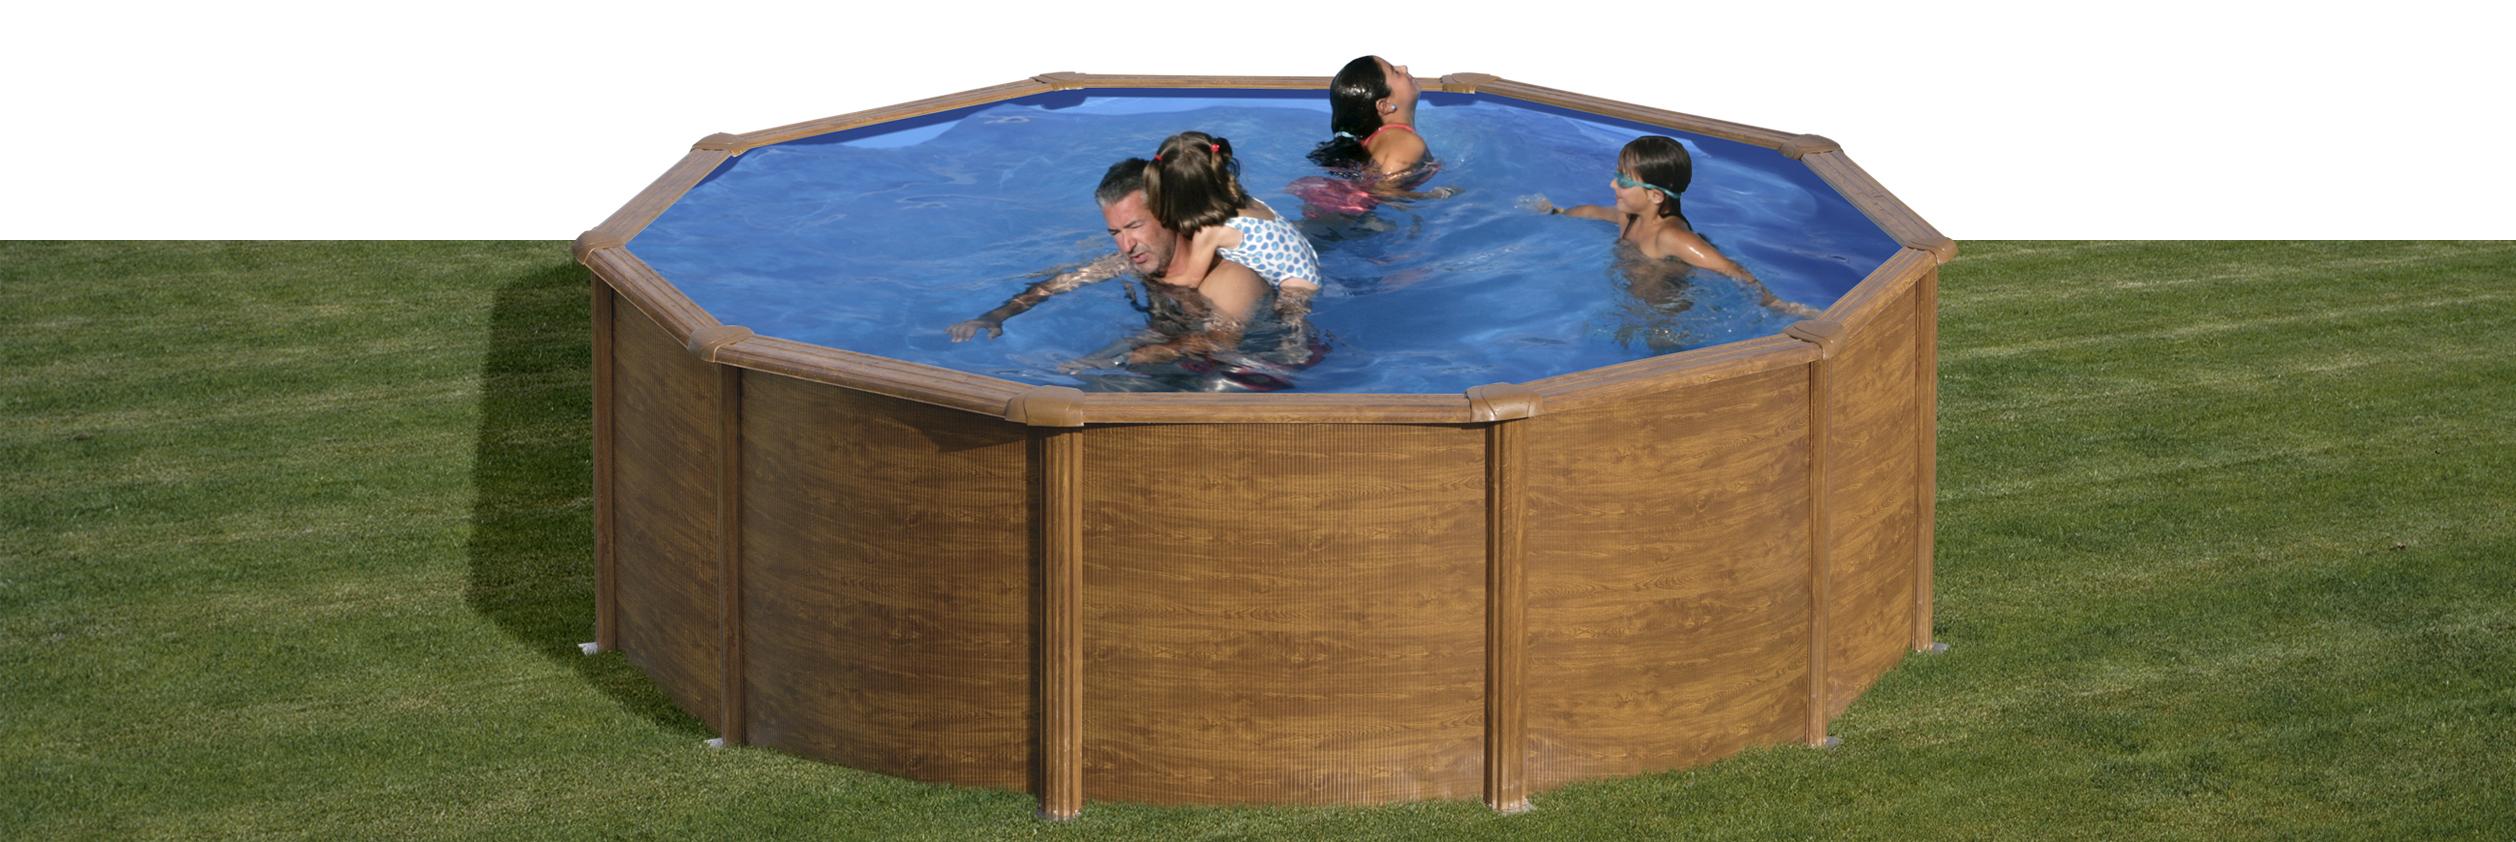 Pacific 460x120 piscinas garrido for Piscinas garrido